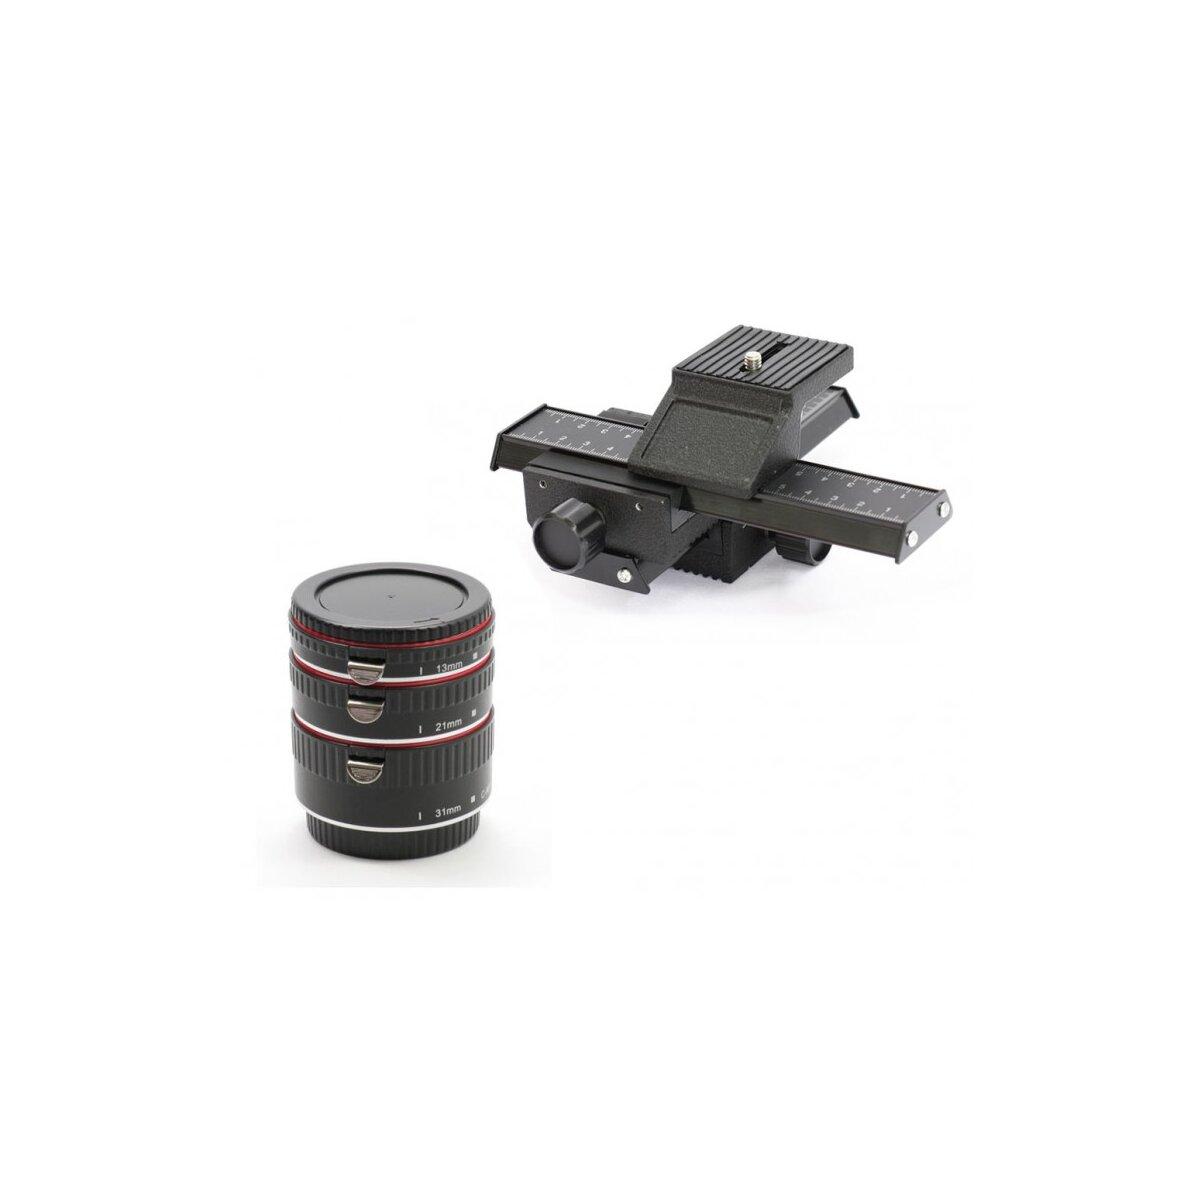 MAKROSET Minadax Automatik Zwischenringe 3-teilig + Vier-Wege Makroschlitten fuer Canon EF / EF-S EOS 1200D, 1100D, 1000D, 700D, 650D, 600D, 550D, 500D, 450D, 400D, 350D, 300D, 100D, 70D, 60D, 50D, 40D, 30D, 20D, 10D, 7D, 6D, 5D & 1D Serien